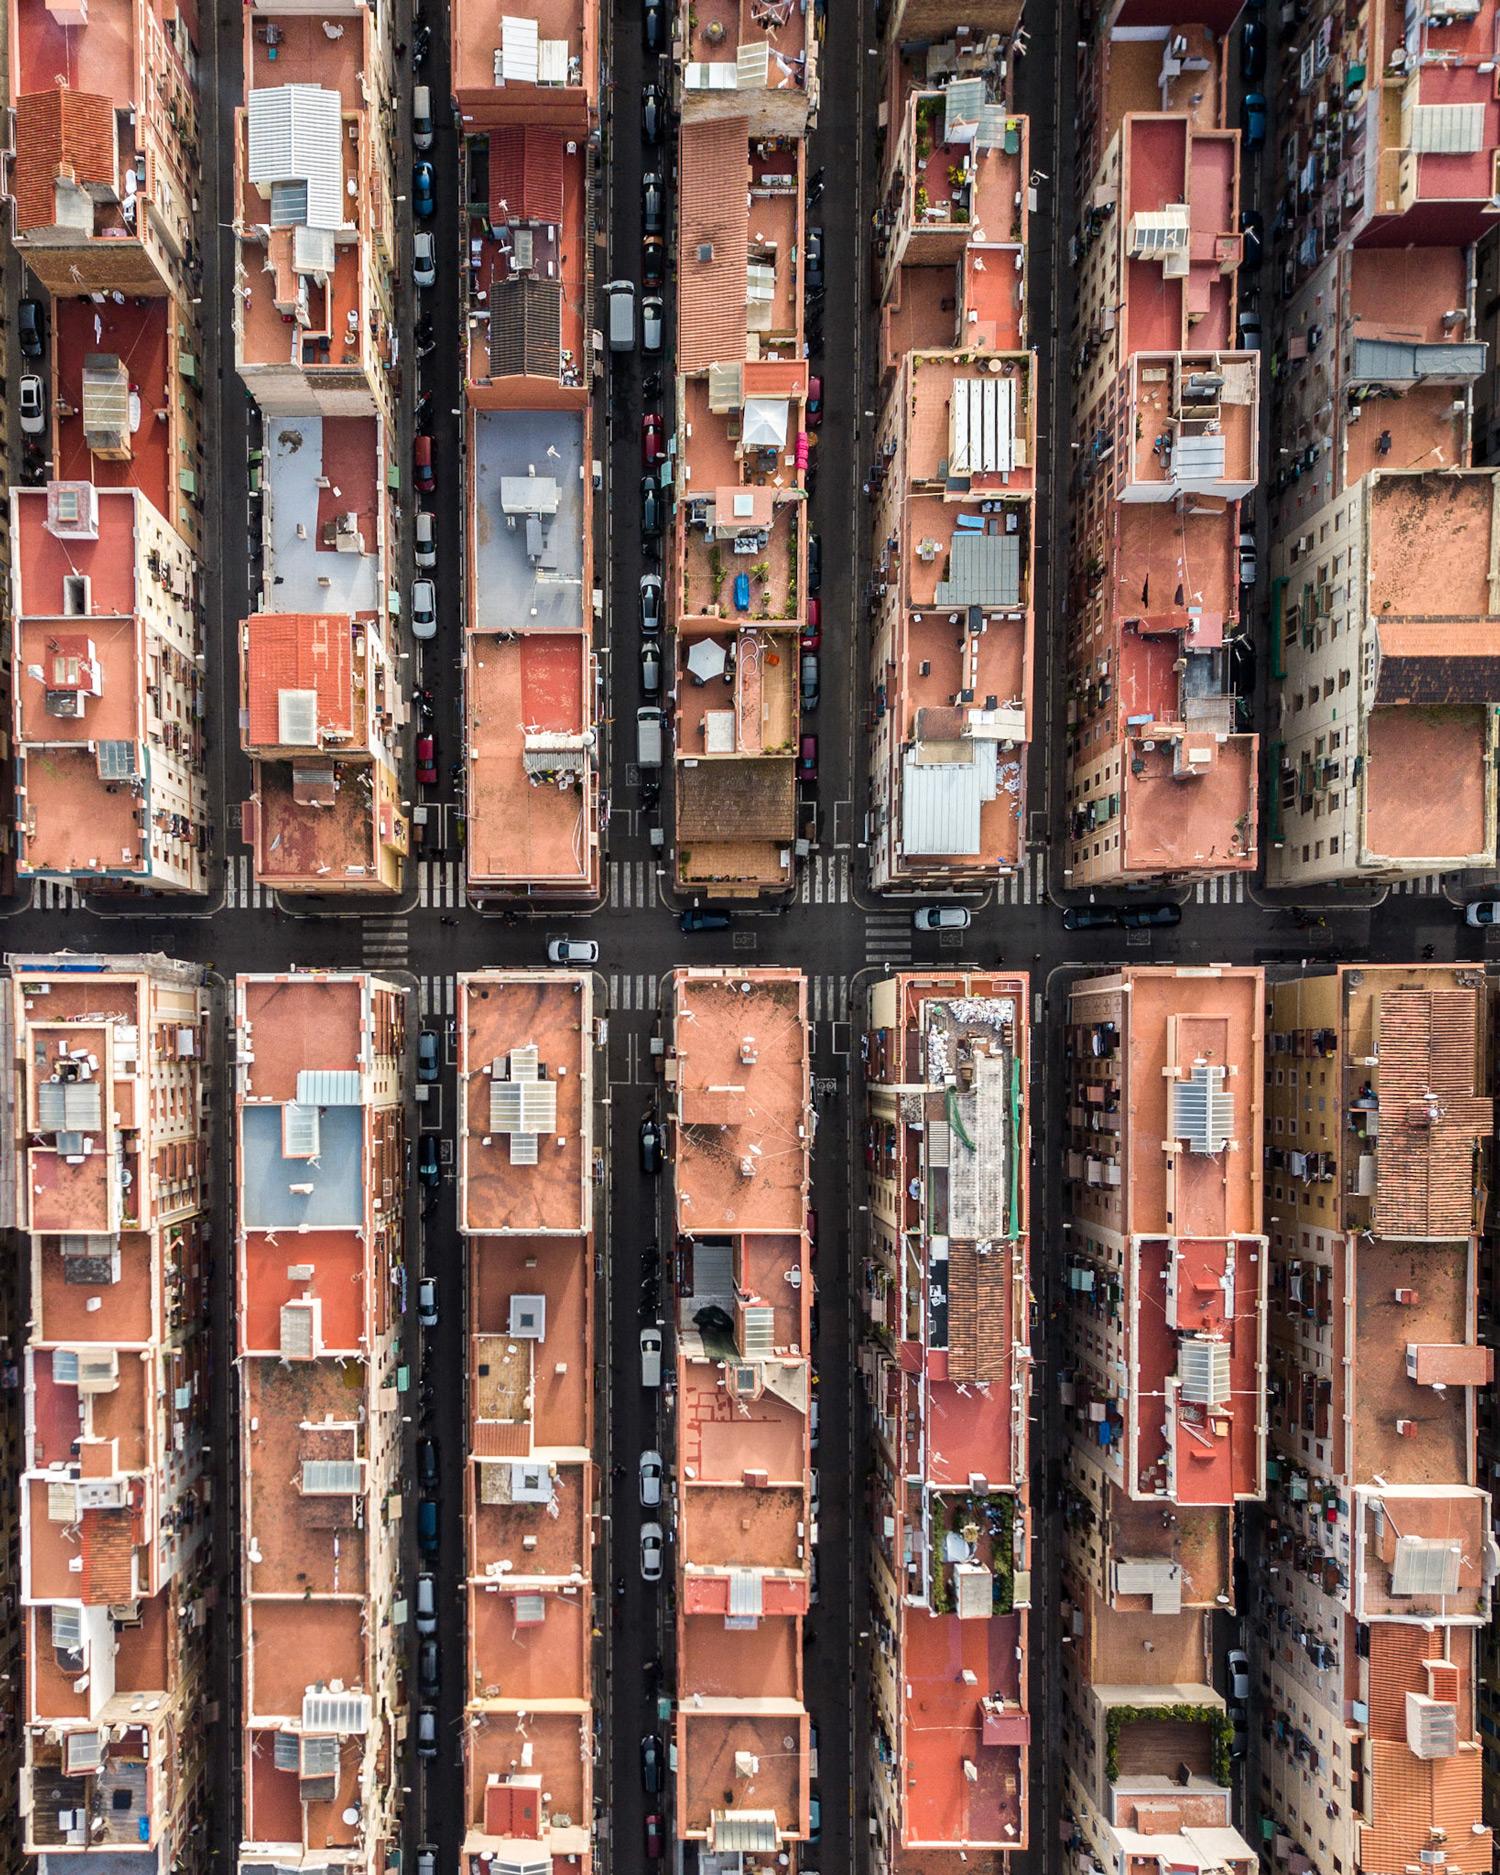 MartonMogyorosy Barcelona WirePrime 06 - Barselona'nın Kıyı Şeridine Havadan Bakış: Büyüleyici Geometrik Desenler